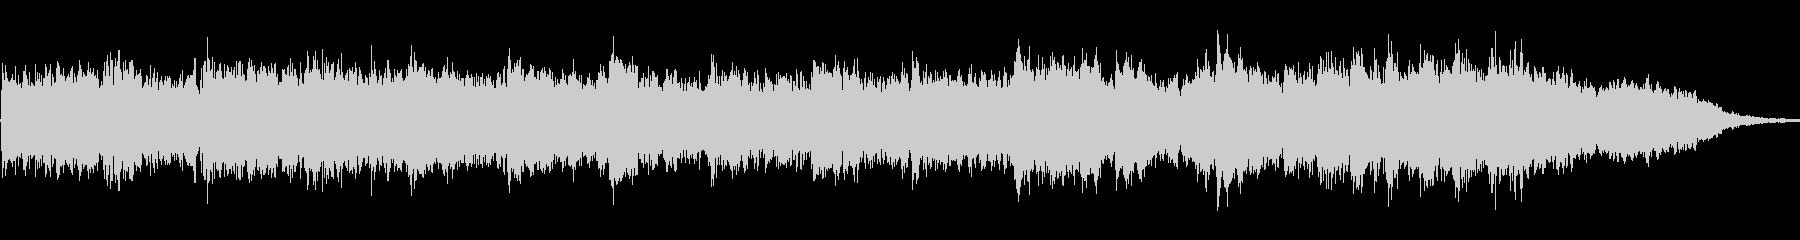 壮大なケルト音楽のイメージshortの未再生の波形